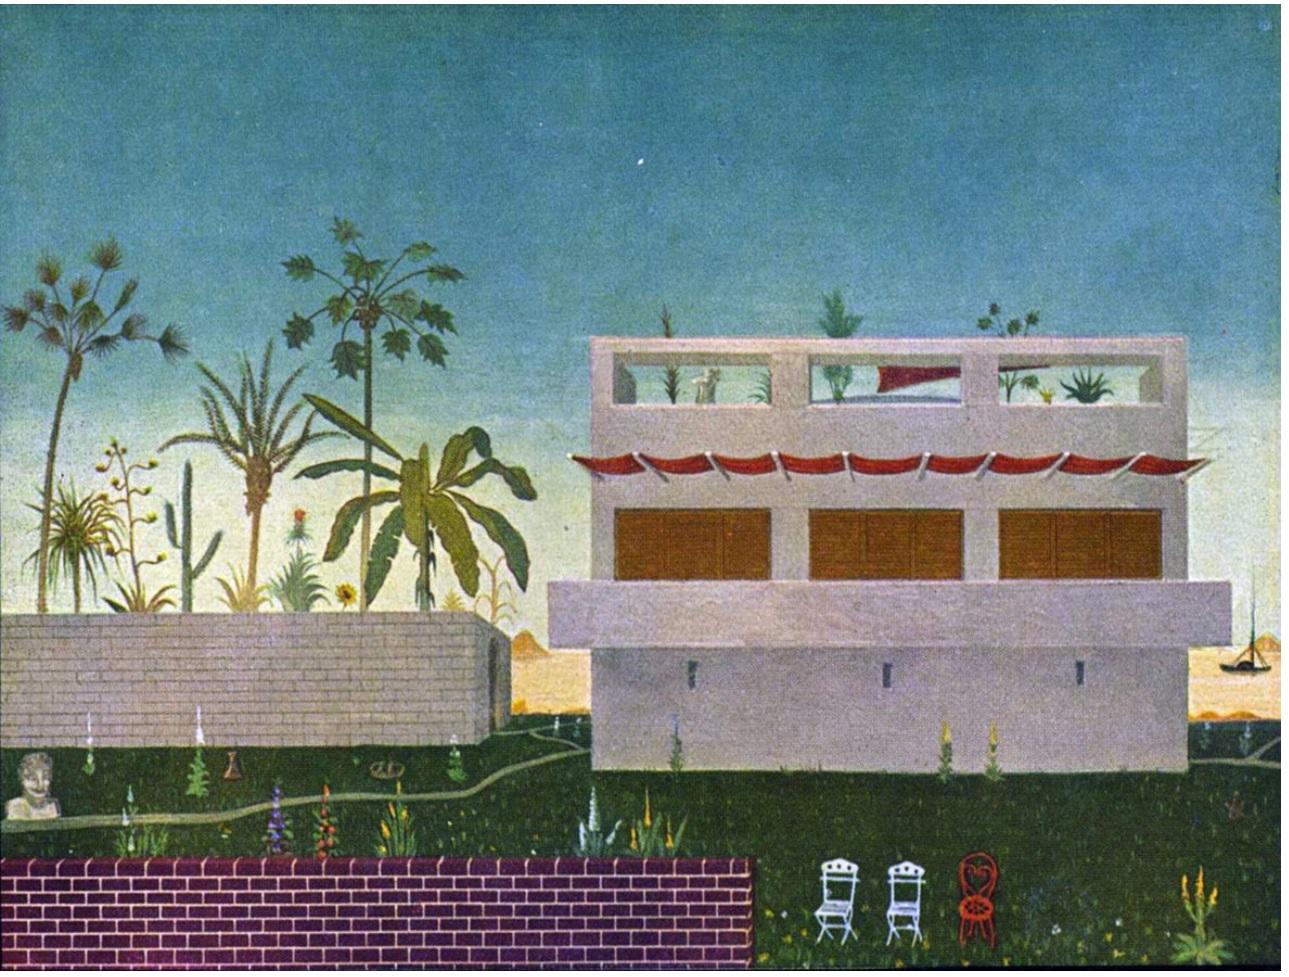 casa sul mare di sicilia Lina Bo Bardi Domus